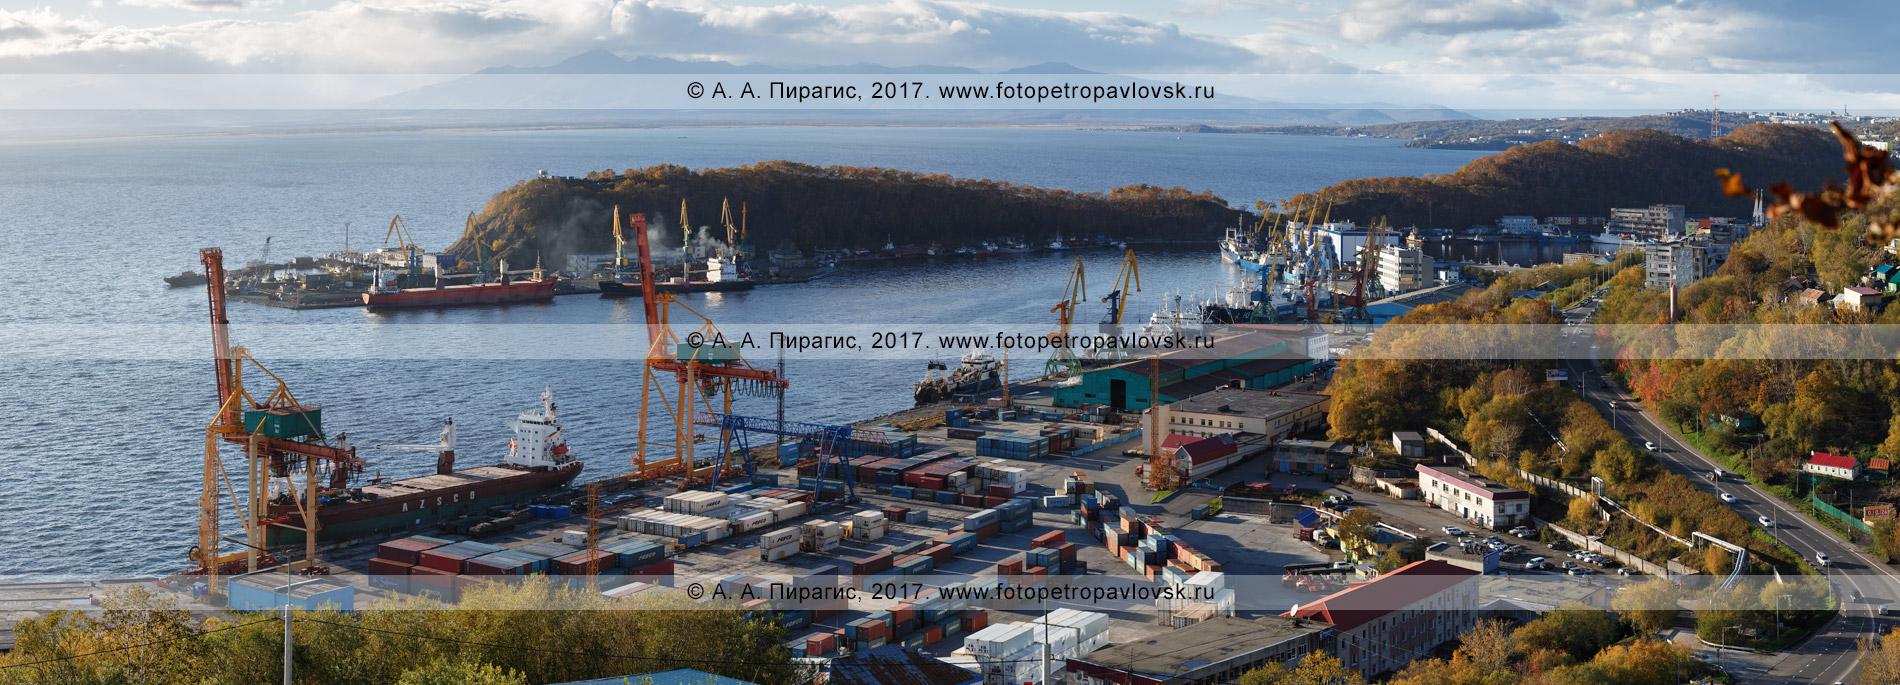 Фотография (панорама): Петропавловск-Камчатский морской торговый порт. Камчатский край, город Петропавловск-Камчатский, Авачинская бухта (Авачинская губа)